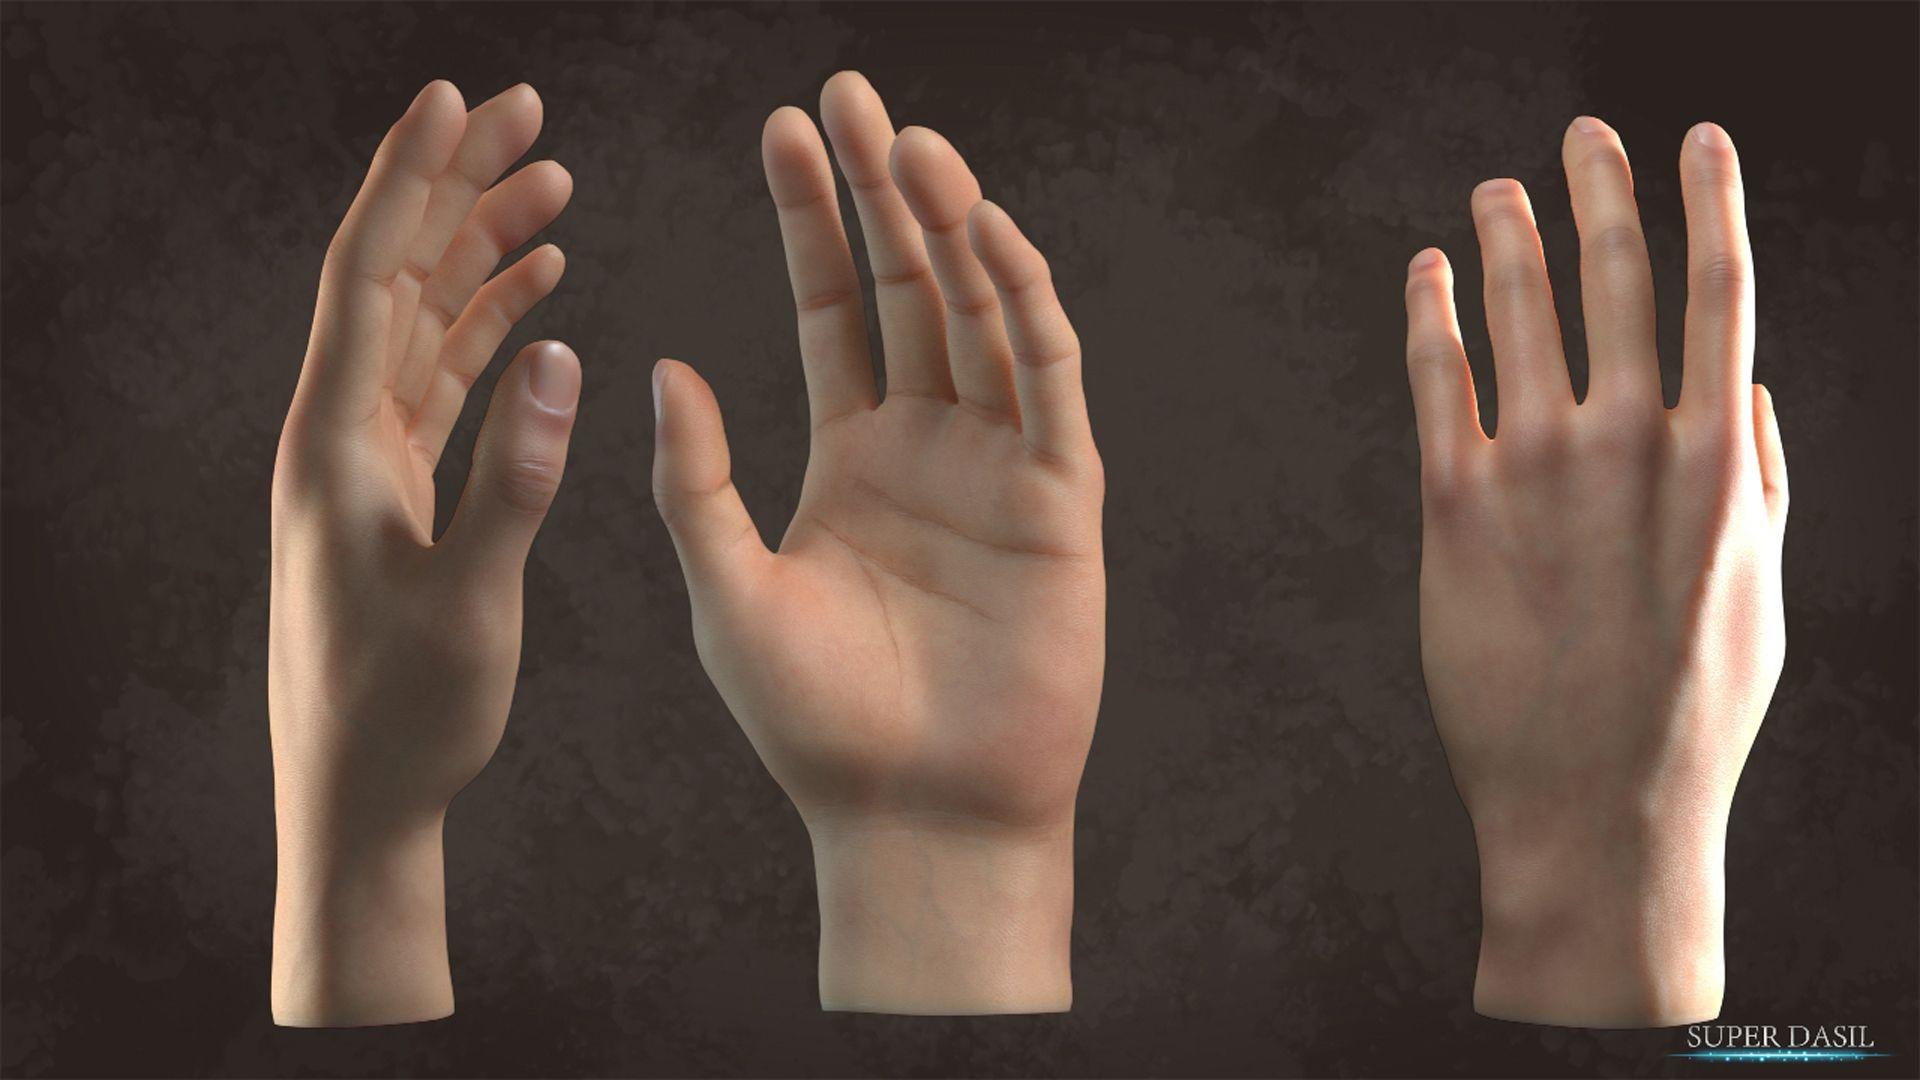 Free 3D Blender model download: Hand | 'Shoots, Design, Inspiration